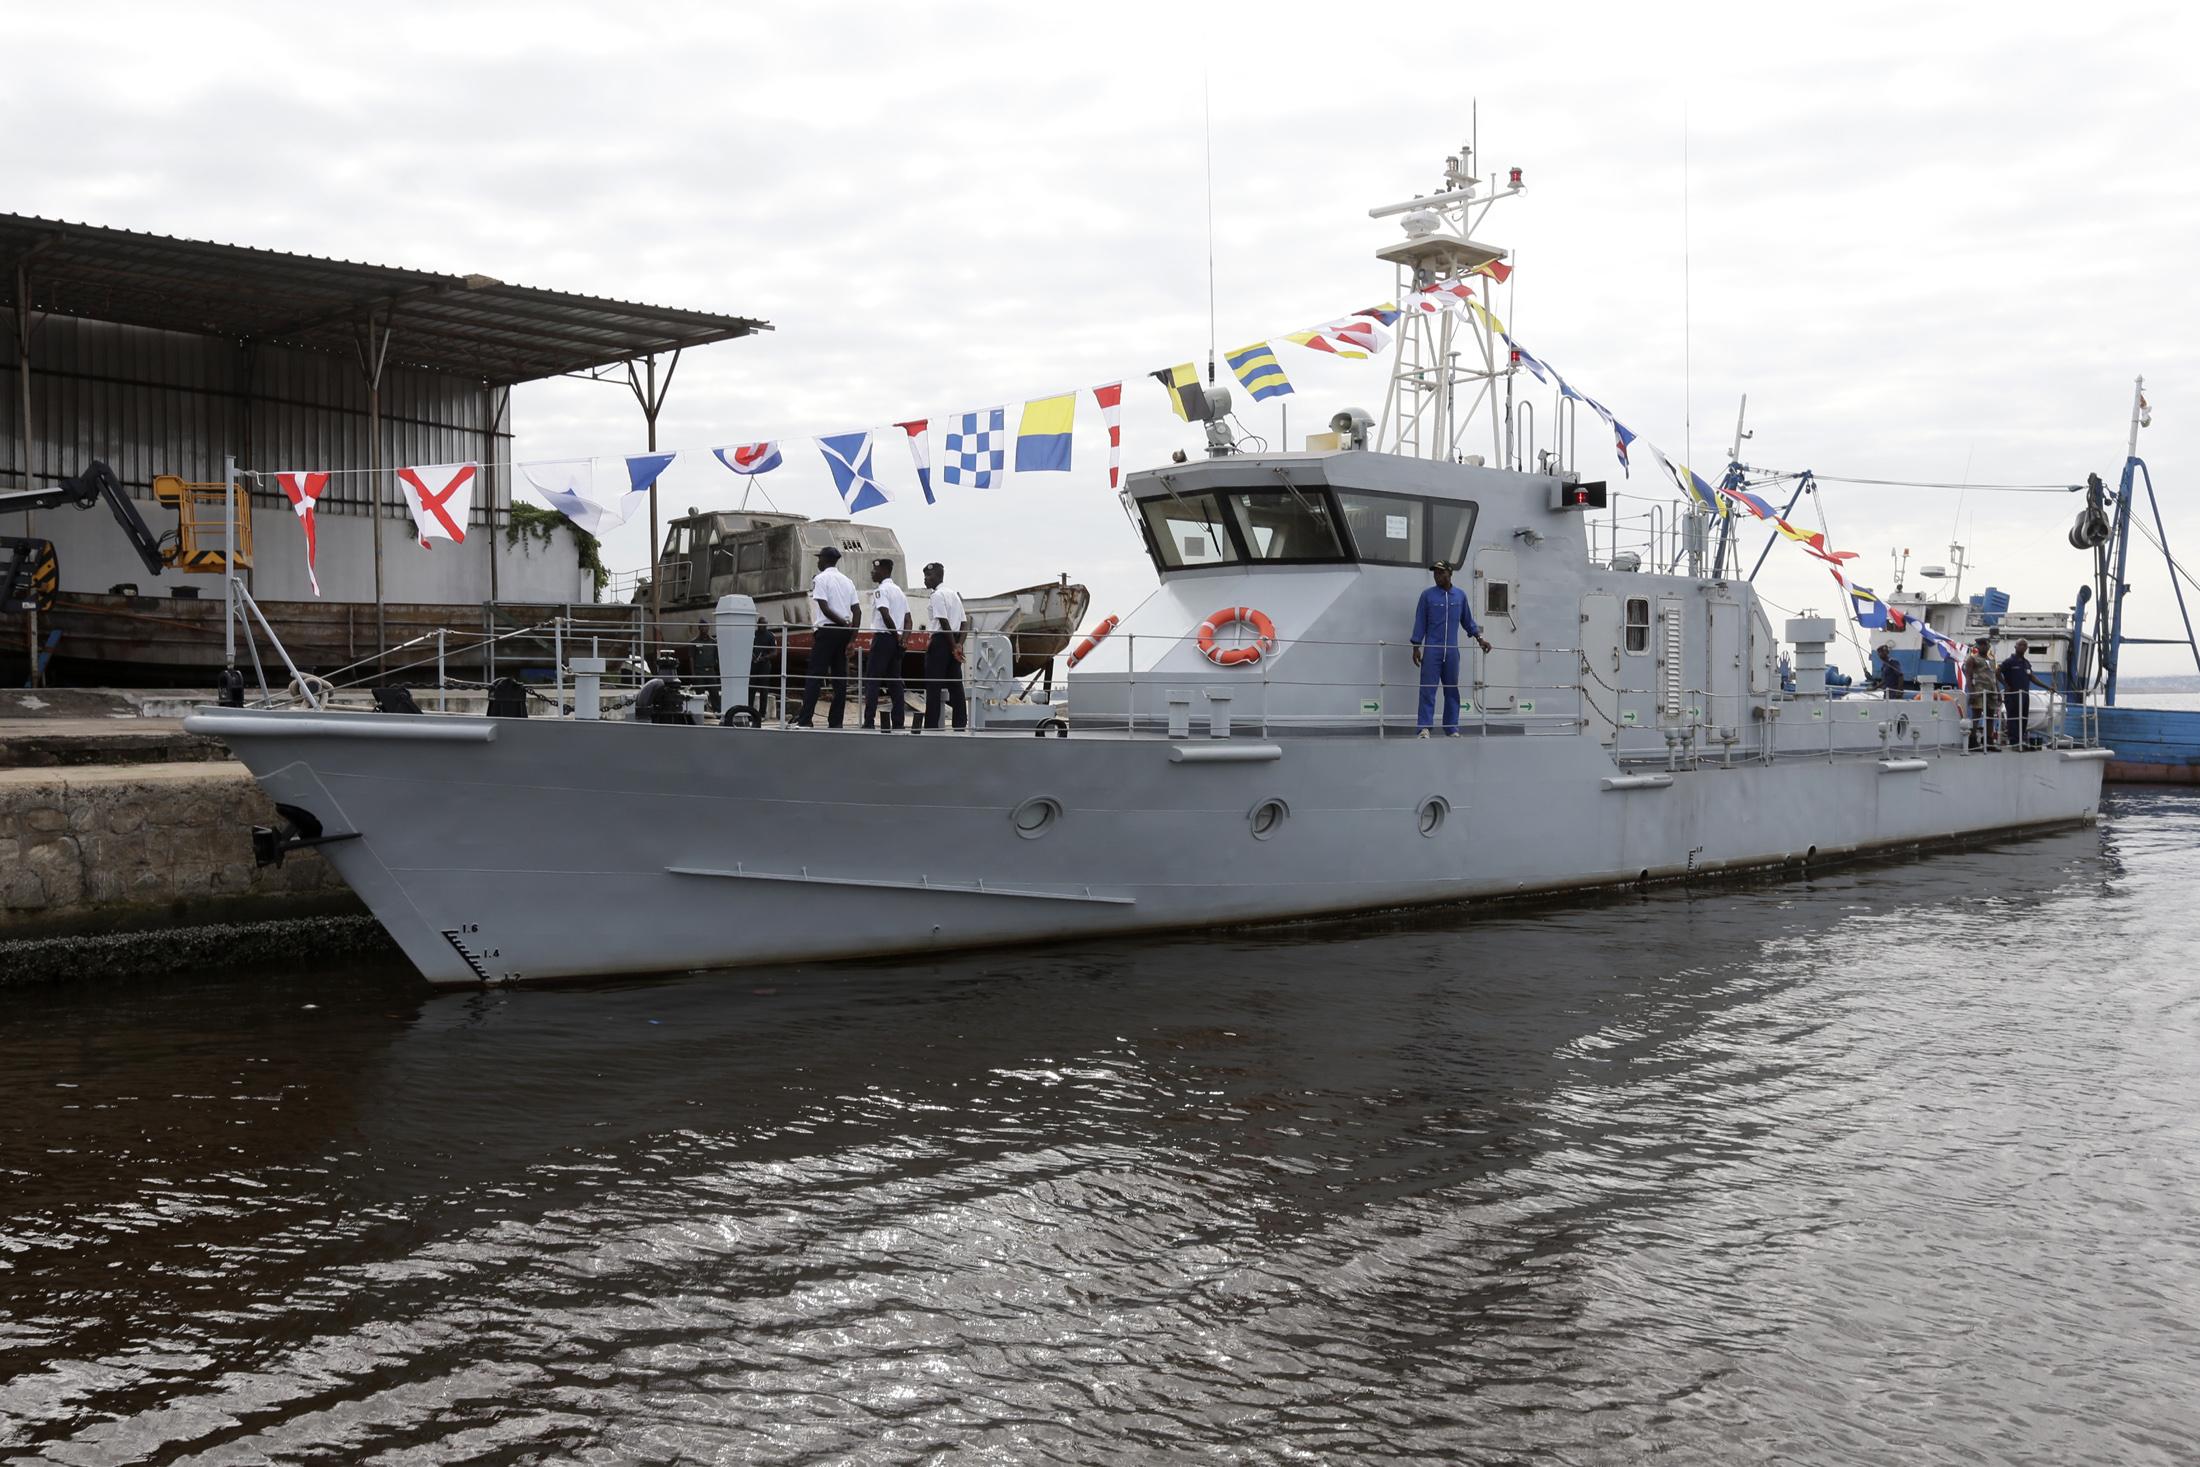 Сторожевой катер, переданный Китаем ВМС Кот д'Ивуара. Абиджан, 07.07.2017.